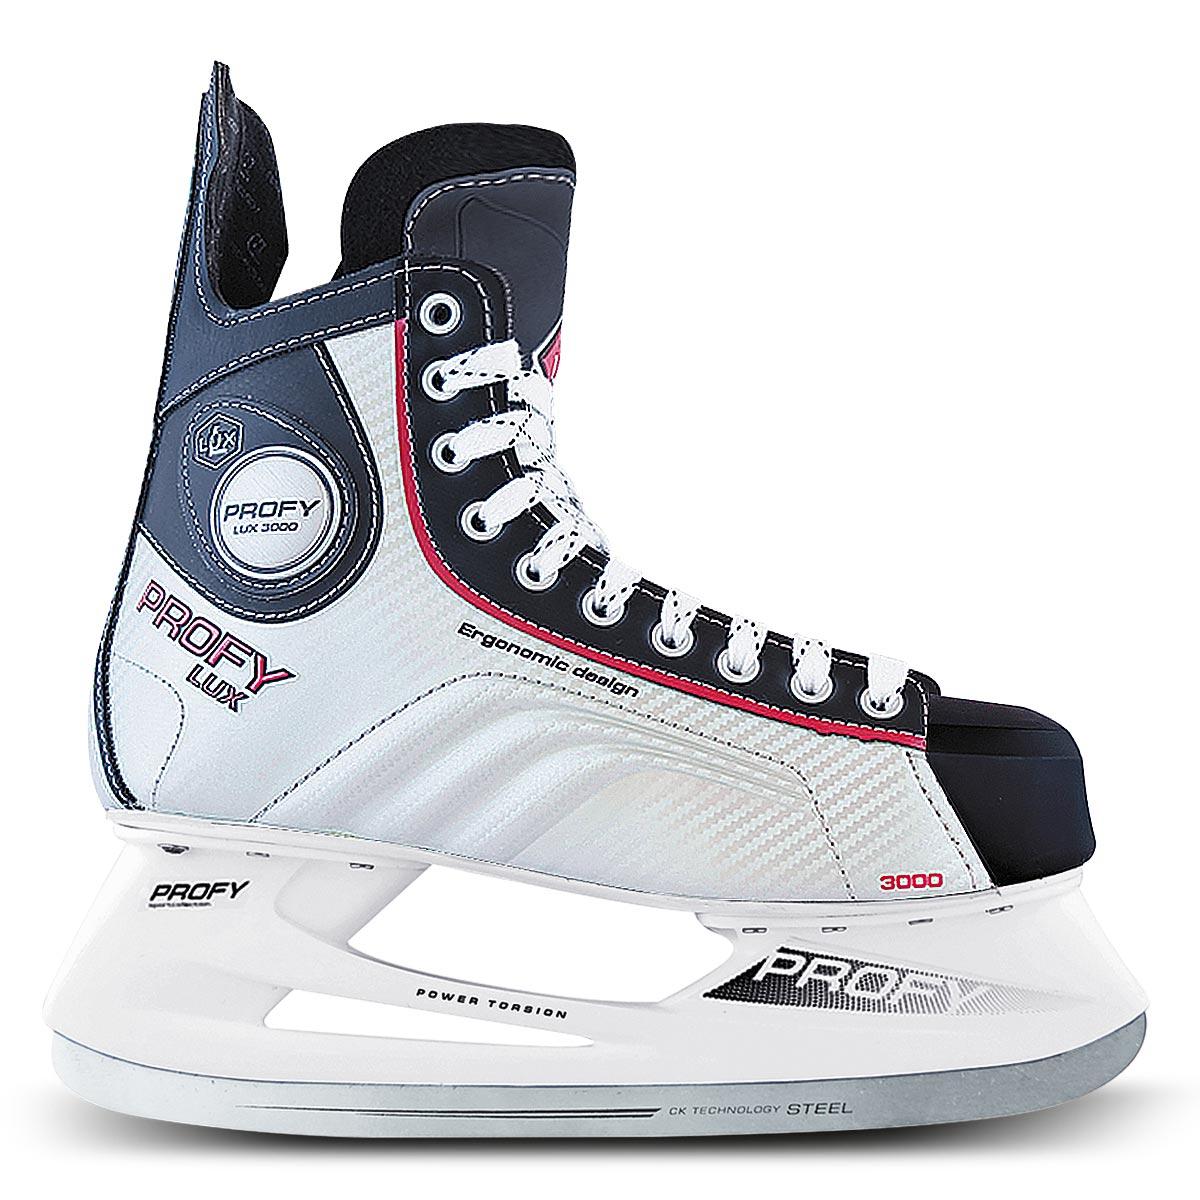 Коньки хоккейные мужские СК Profy Lux 3000, цвет: черный, серебряный, красный. Размер 41PROFY LUX 3000 Red_41Стильные коньки от CK Profy Lux 3000 Blue прекрасно подойдут для начинающих игроков в хоккей. Ботинок выполнен из морозоустойчивой искусственной кожи и ПВХ с высокой, плотной колодкой и усиленным задником, обеспечивающим боковую поддержку ноги. Мыс дополнен вставкой, которая защитит ноги от ударов. Внутренний слой и стелька изготовлены из мягкого трикотажа, который обеспечит тепло и комфорт во время катания, язычок - из войлока. Плотная шнуровка надежно фиксирует модель на ноге. Голеностоп имеет удобный суппорт. По бокам, на язычке и заднике коньки декорированы принтом и тиснением в виде логотипа бренда. Подошва - из твердого пластика. Стойка выполнена из ударопрочного поливинилхлорида. Лезвие из нержавеющей стали обеспечит превосходное скольжение. Оригинальные коньки придутся вам по душе. Длина стельки: 27 см.